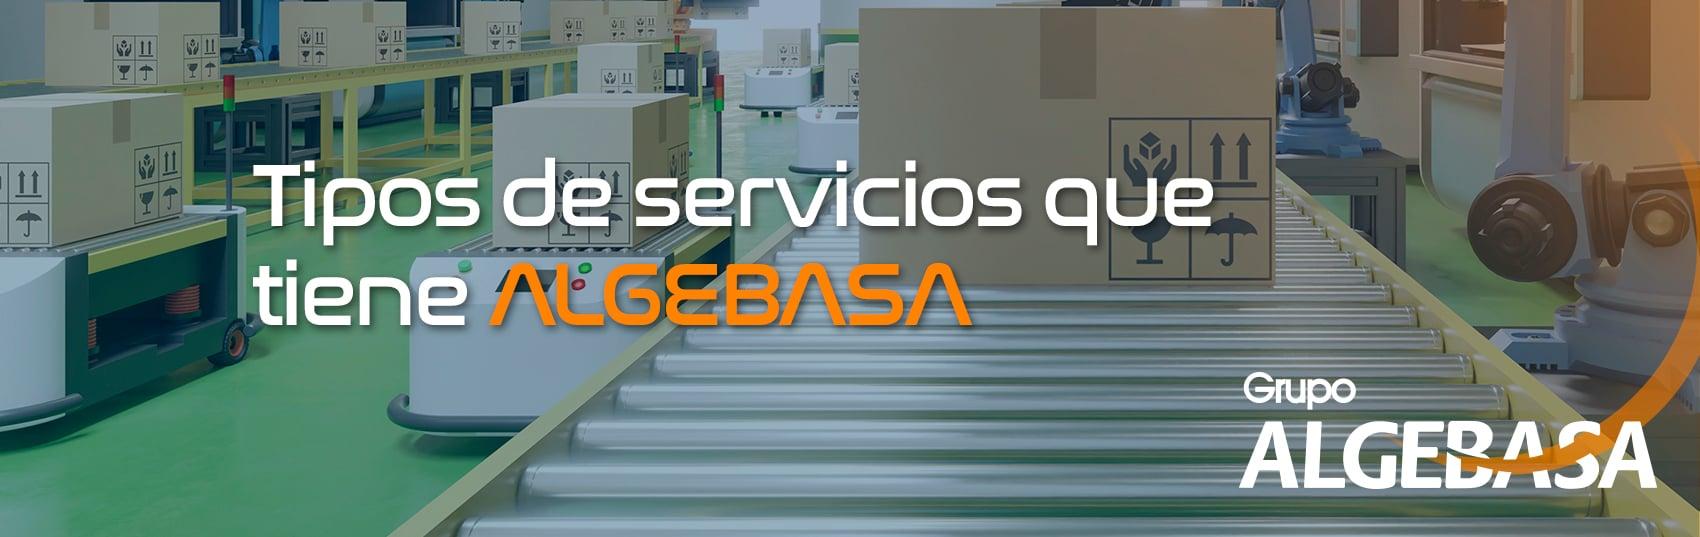 Tipos de servicios que tiene ALGEBASA_banner